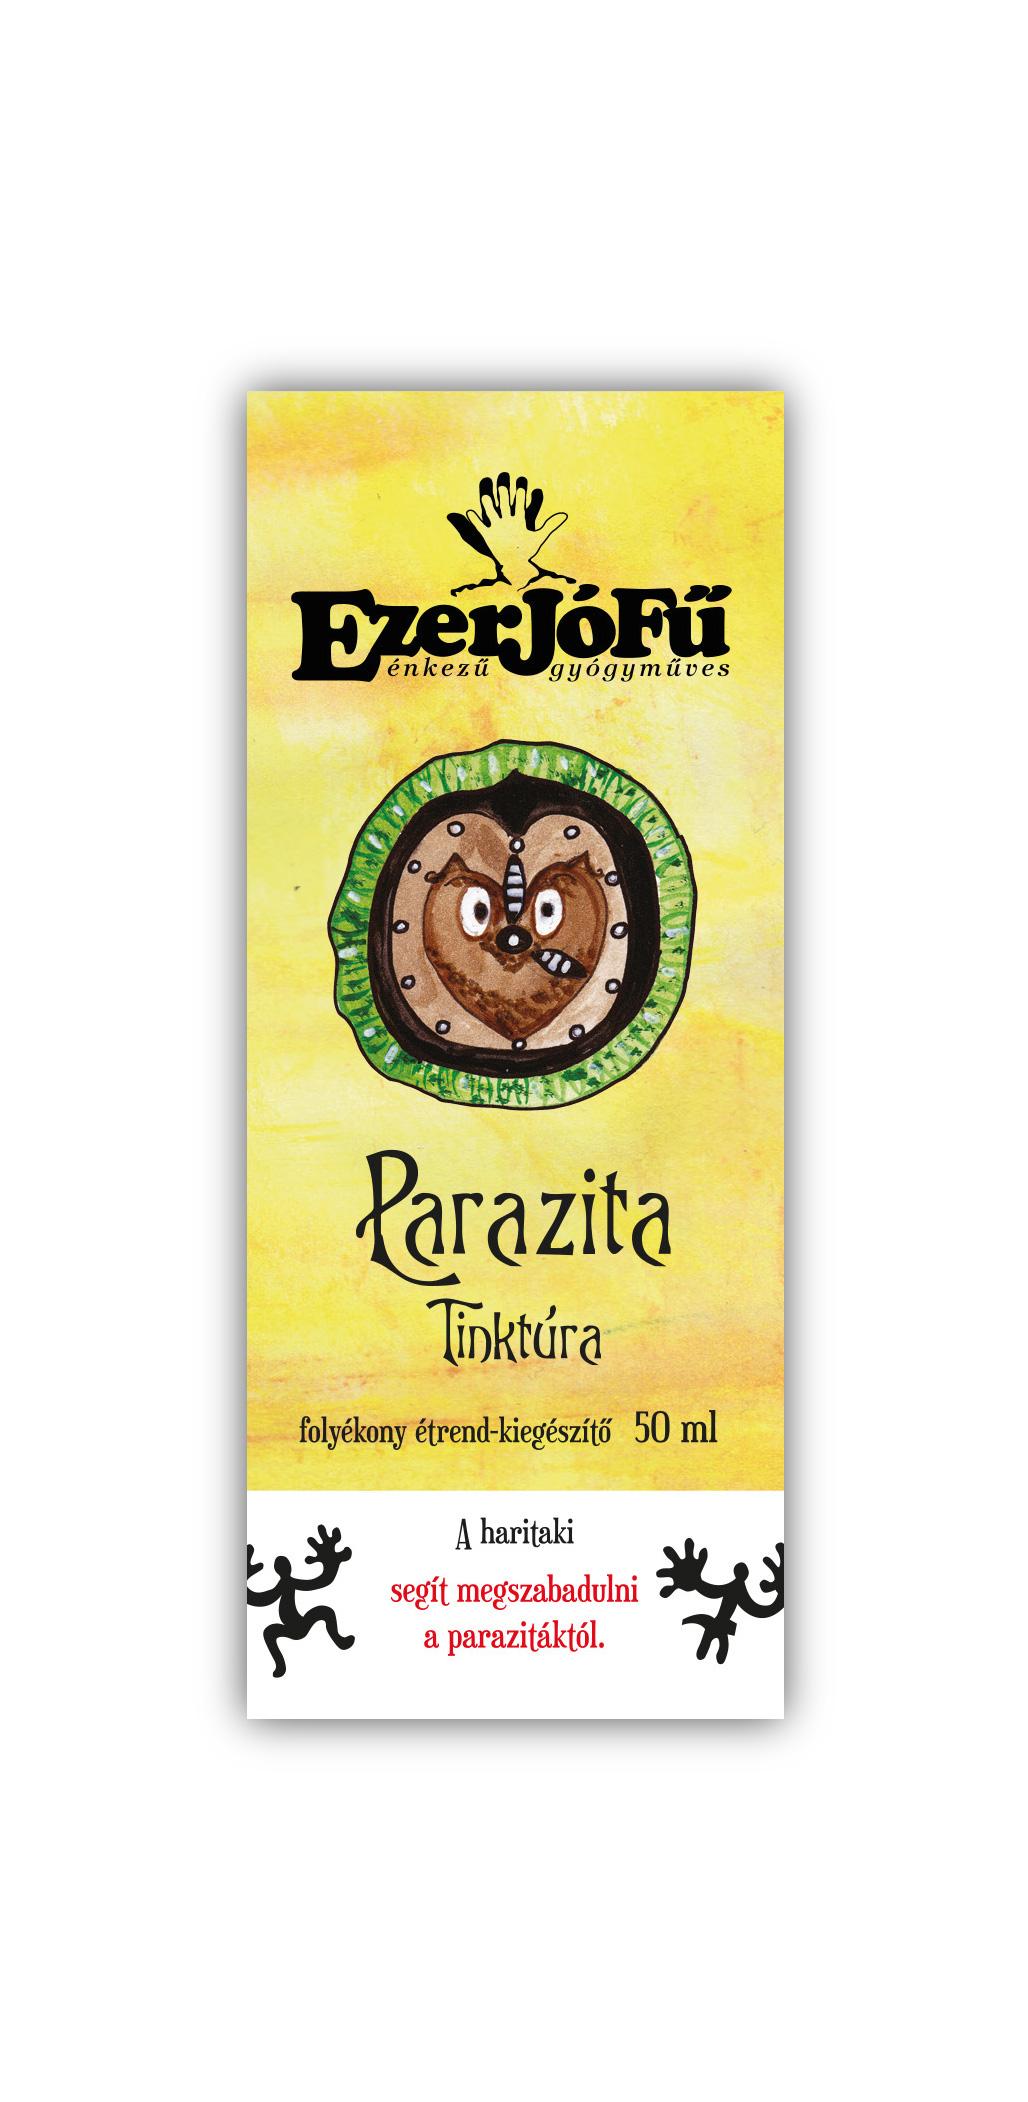 Étrend-kiegészítők férgekhez emberek számára - Egy nyálka egy parazita